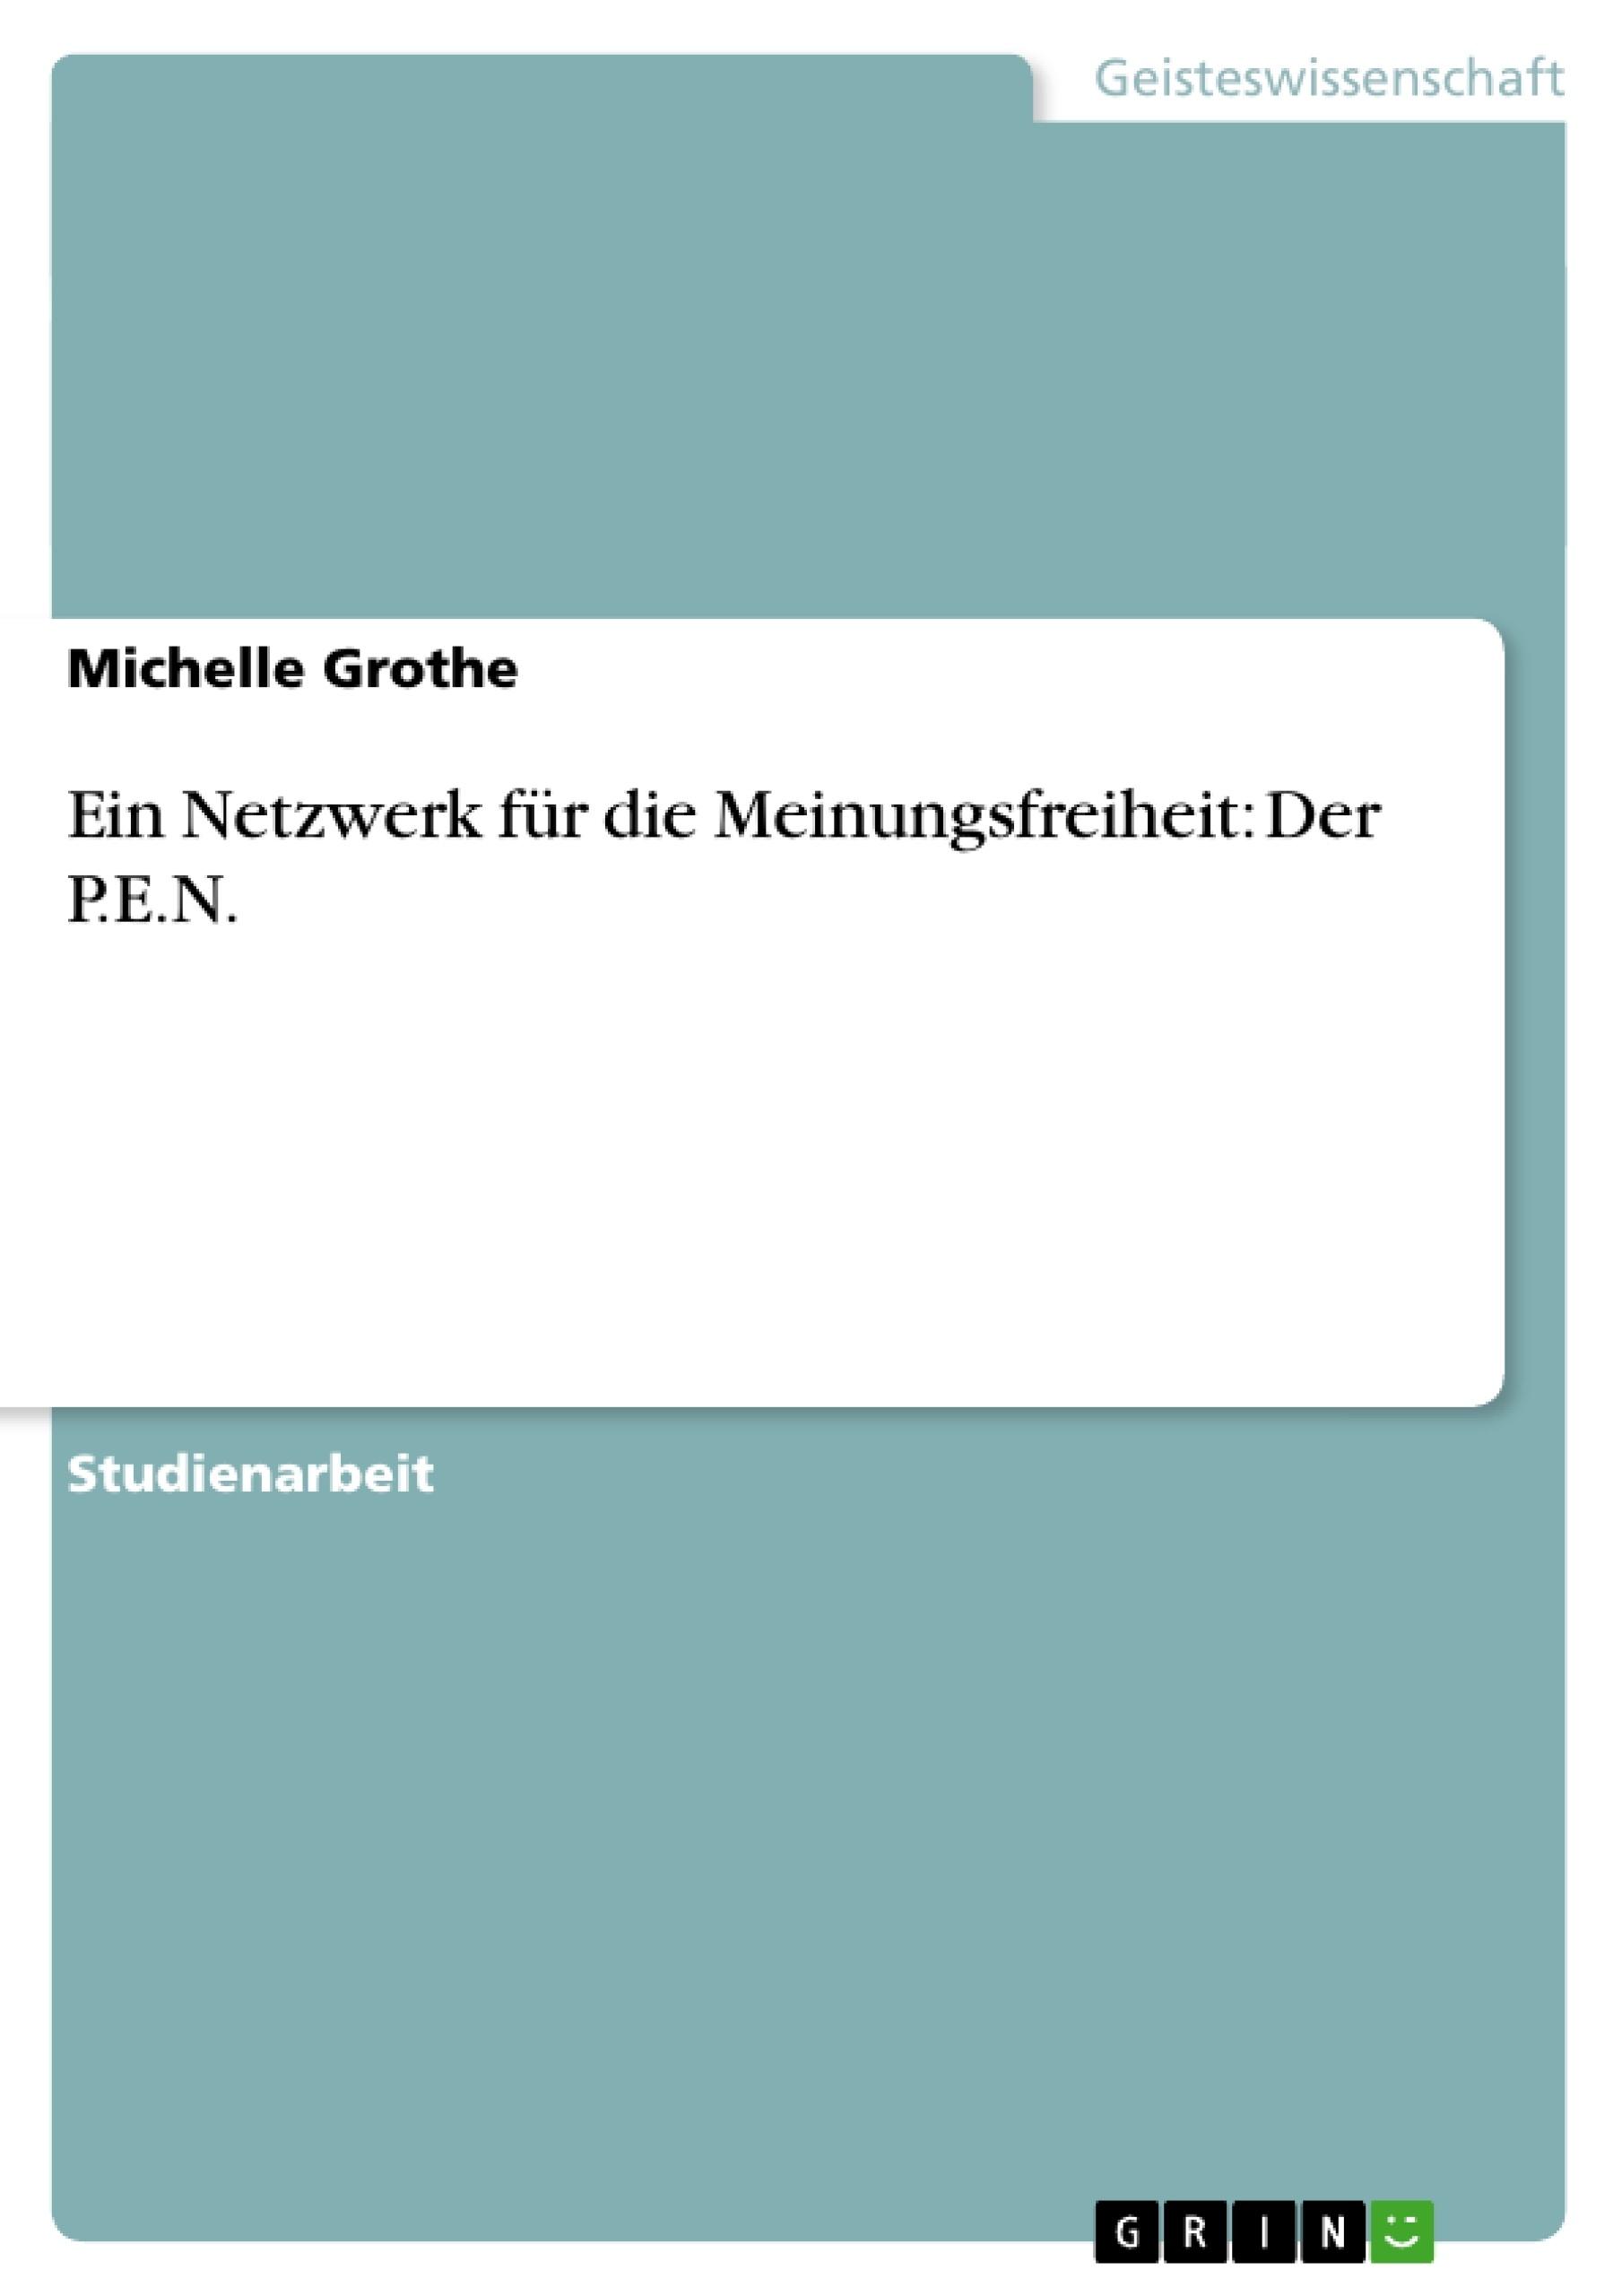 Titel: Ein Netzwerk für die Meinungsfreiheit: Der P.E.N.